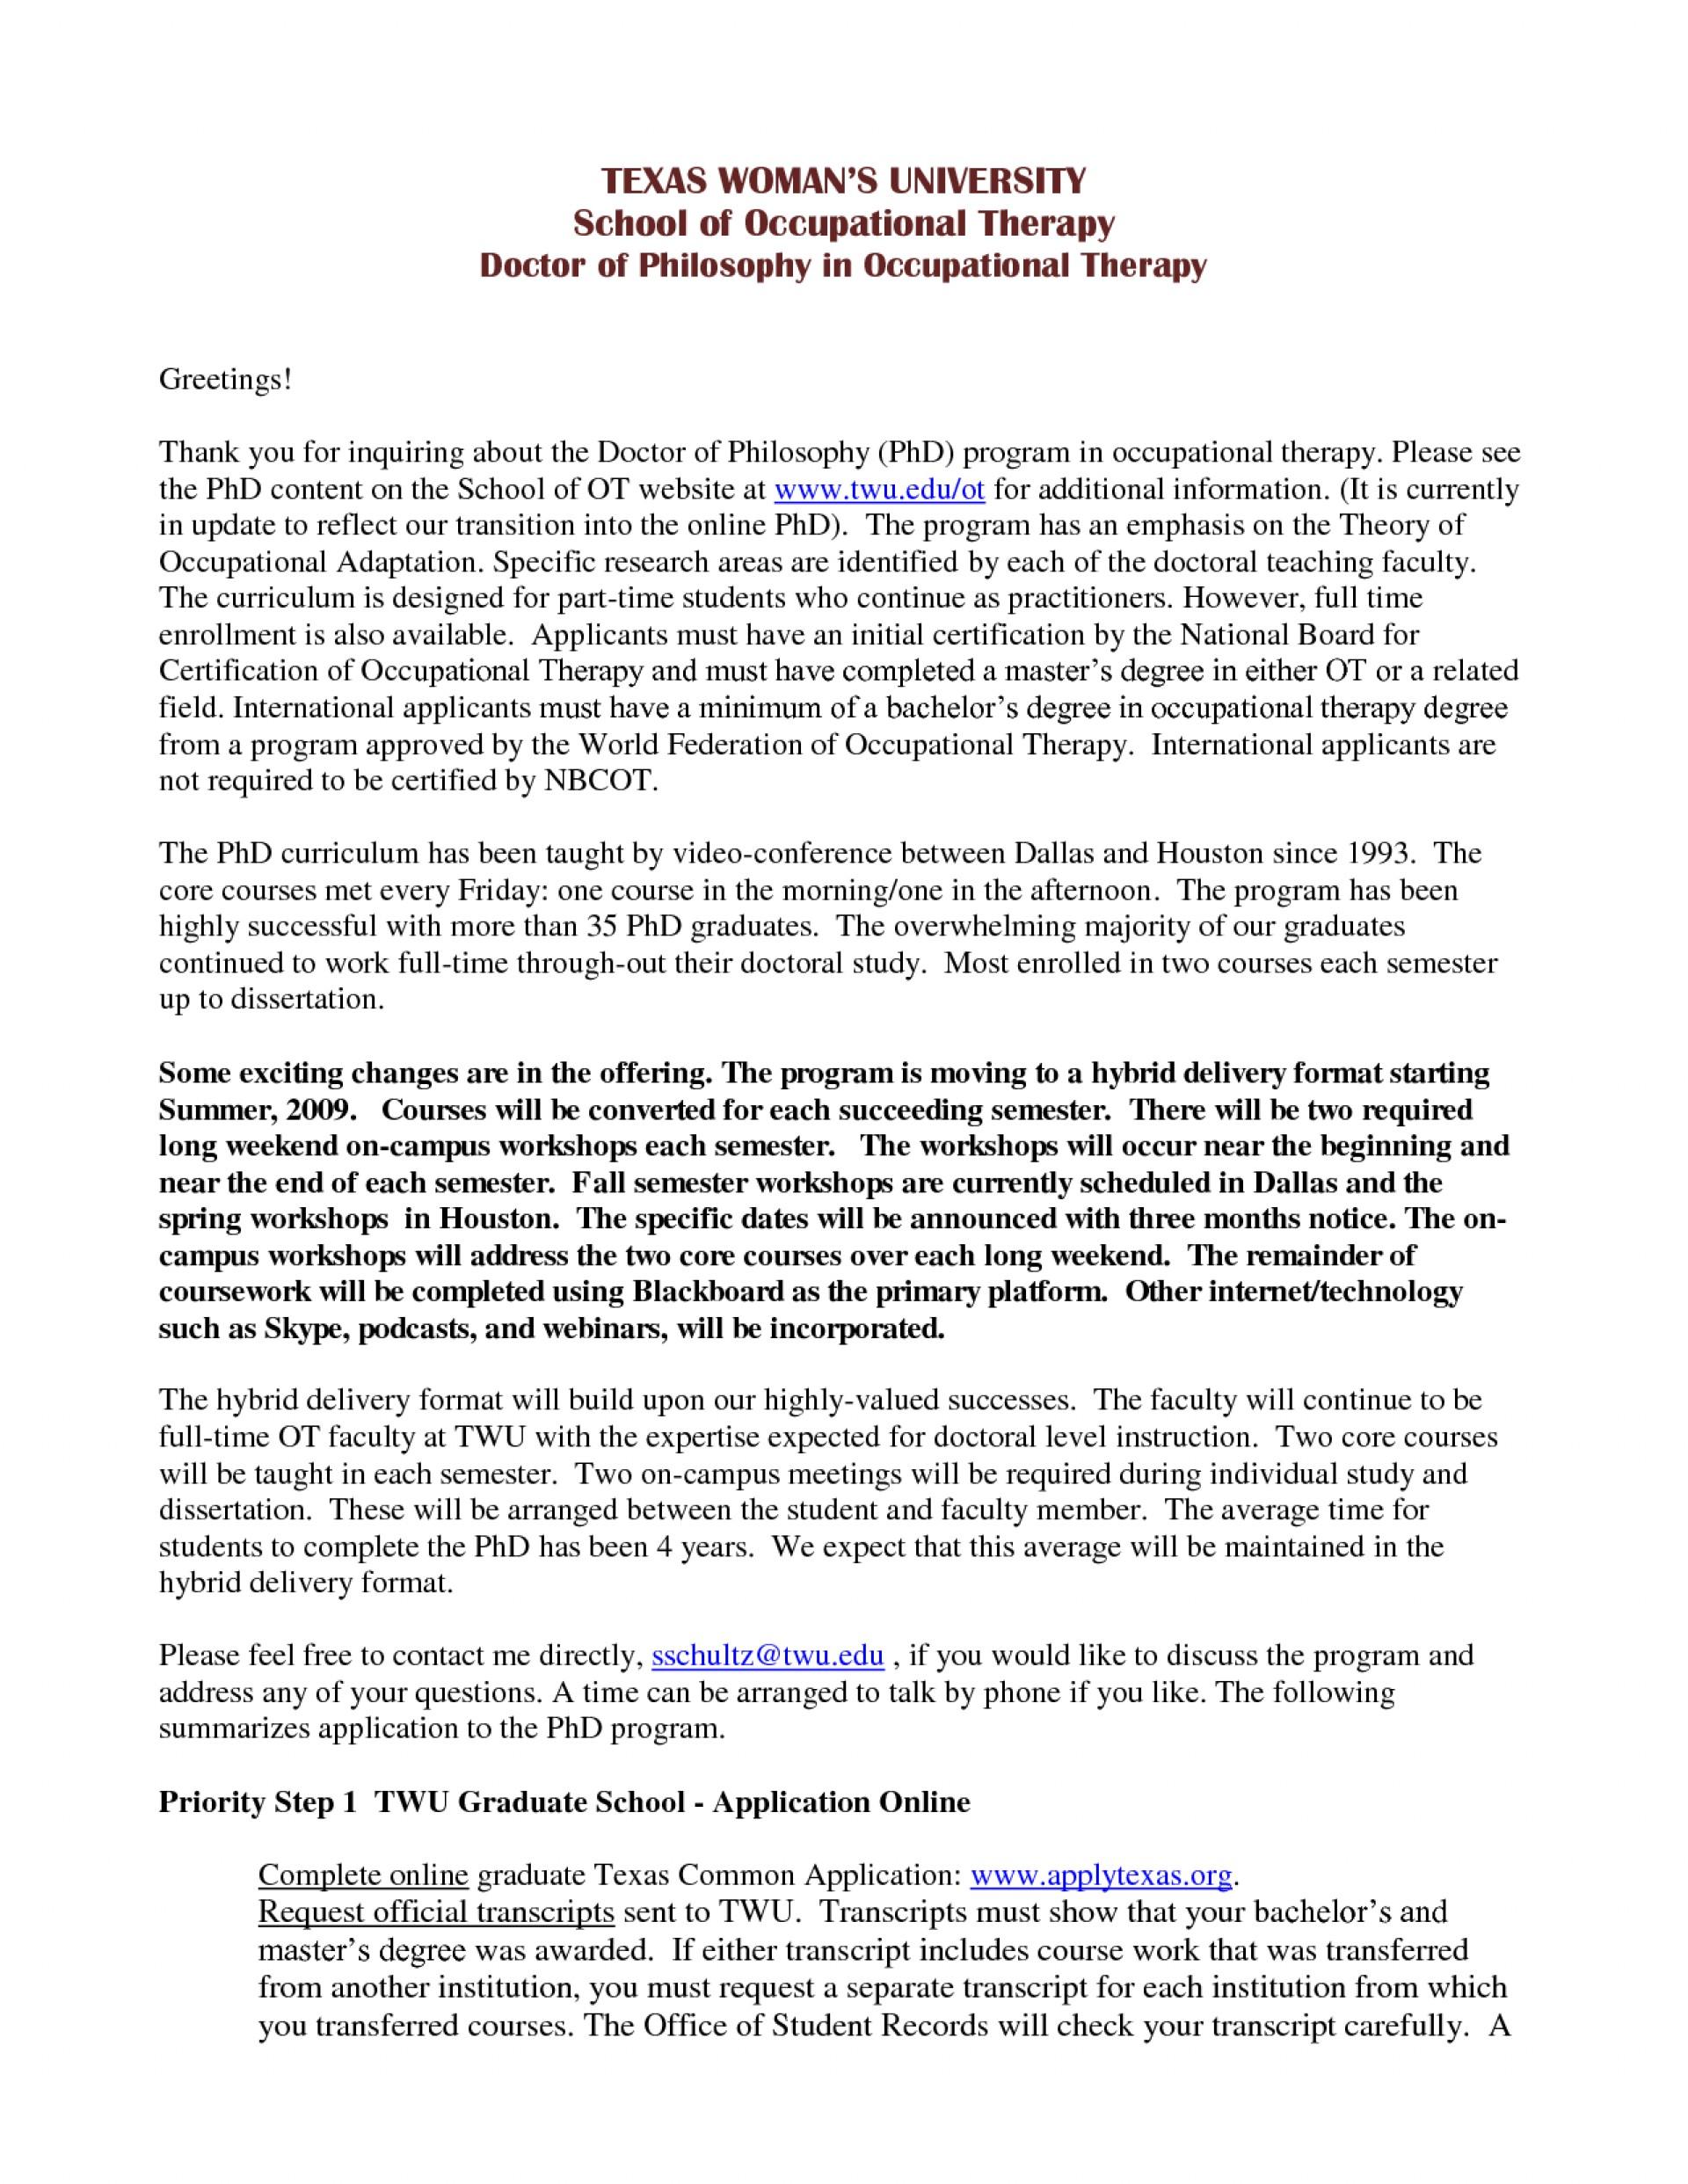 007 Apply Texas Essays Fall P2nuwjbgnb Essay Impressive 2015 1920